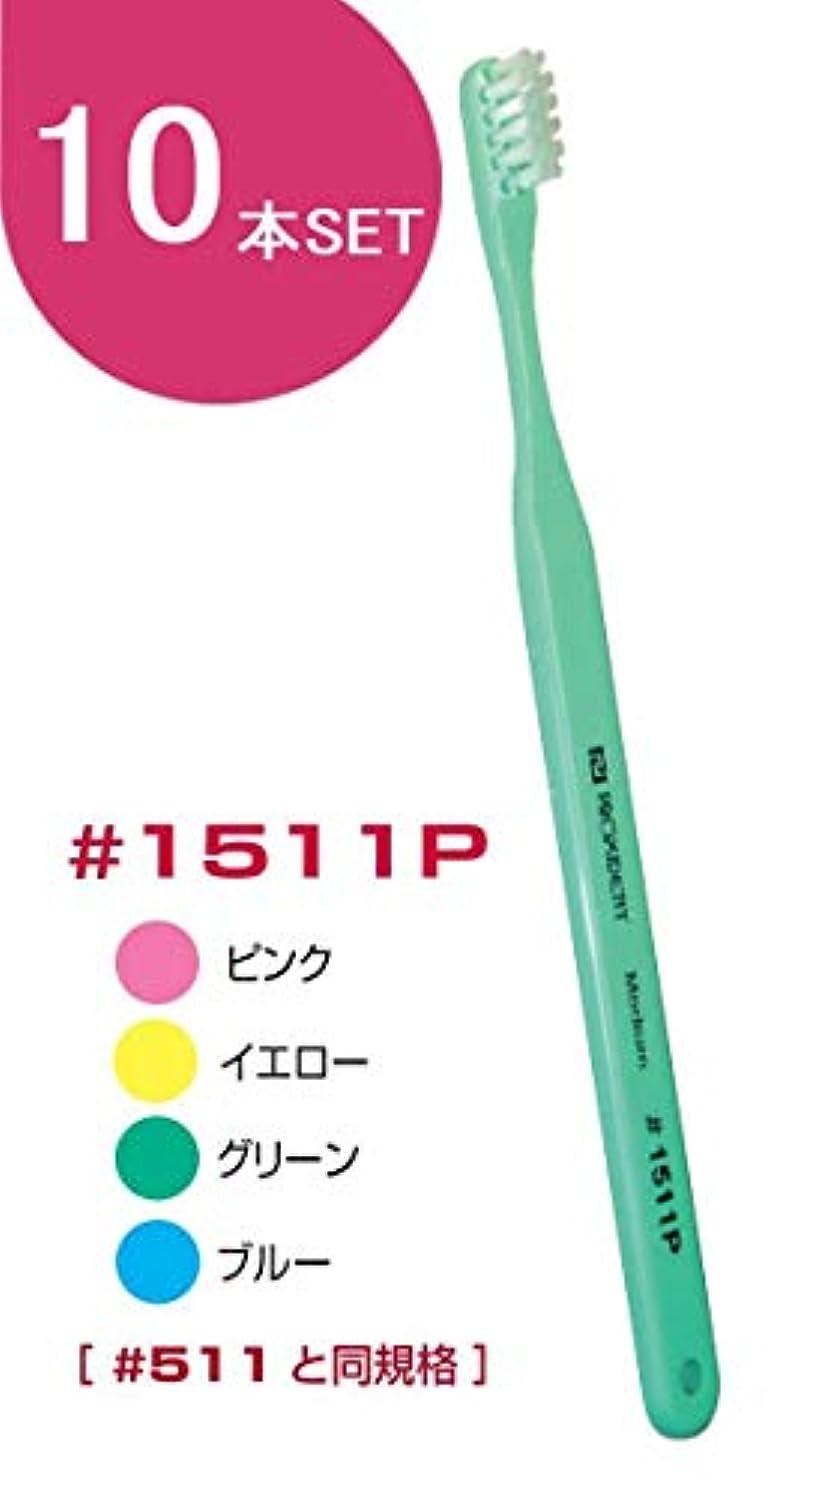 酸化物アナニバーやがてプローデント プロキシデント #1511P 歯ブラシ 10本入